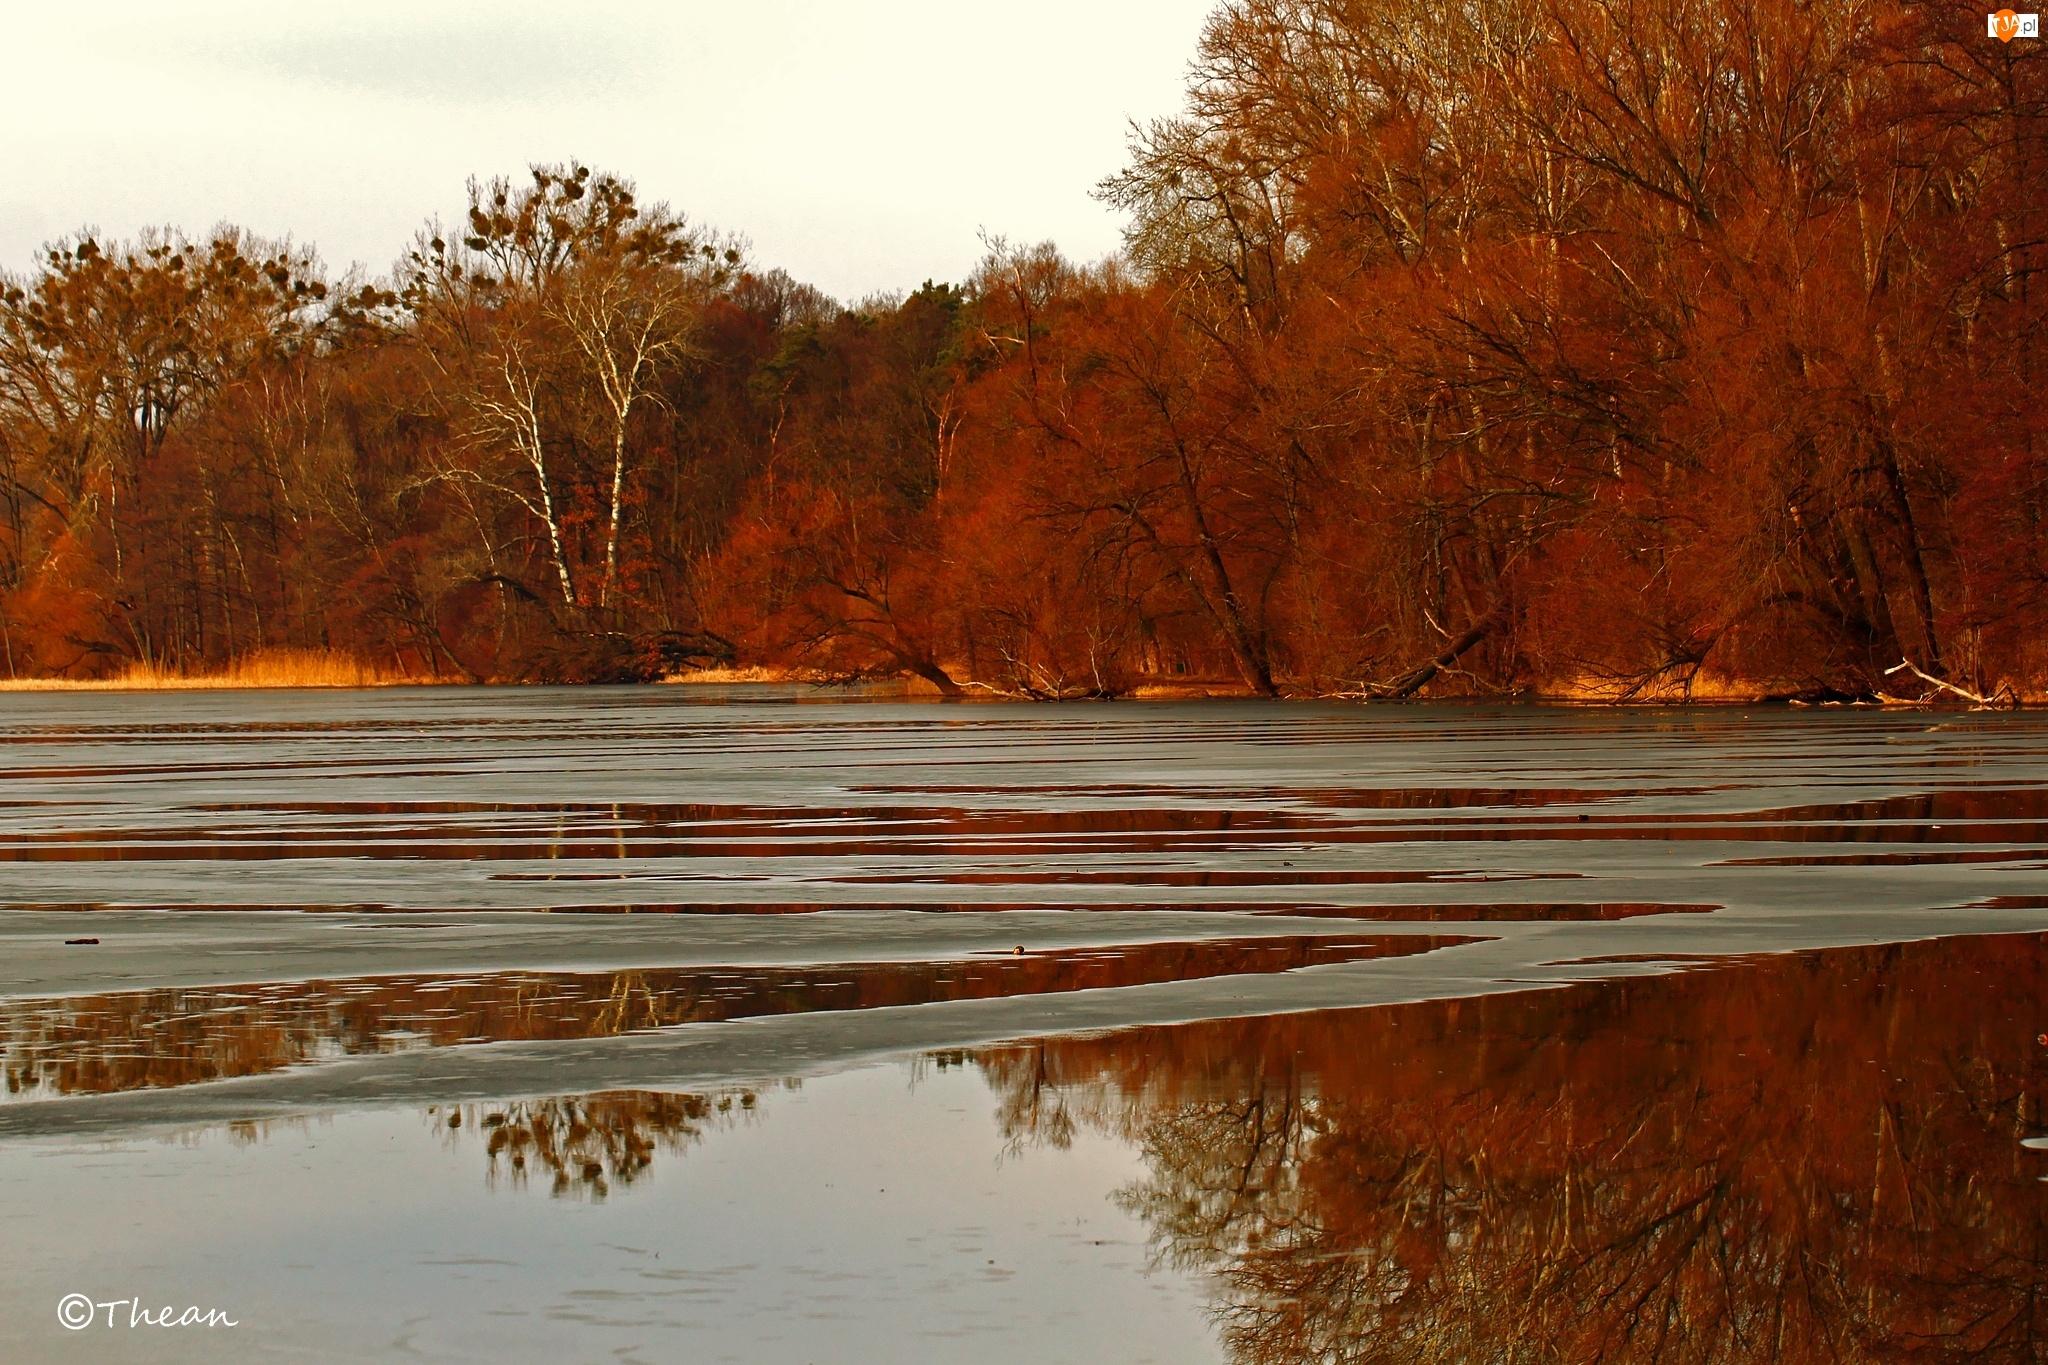 Topniejące, Przedwiośnie, Jezioro, Drzewa